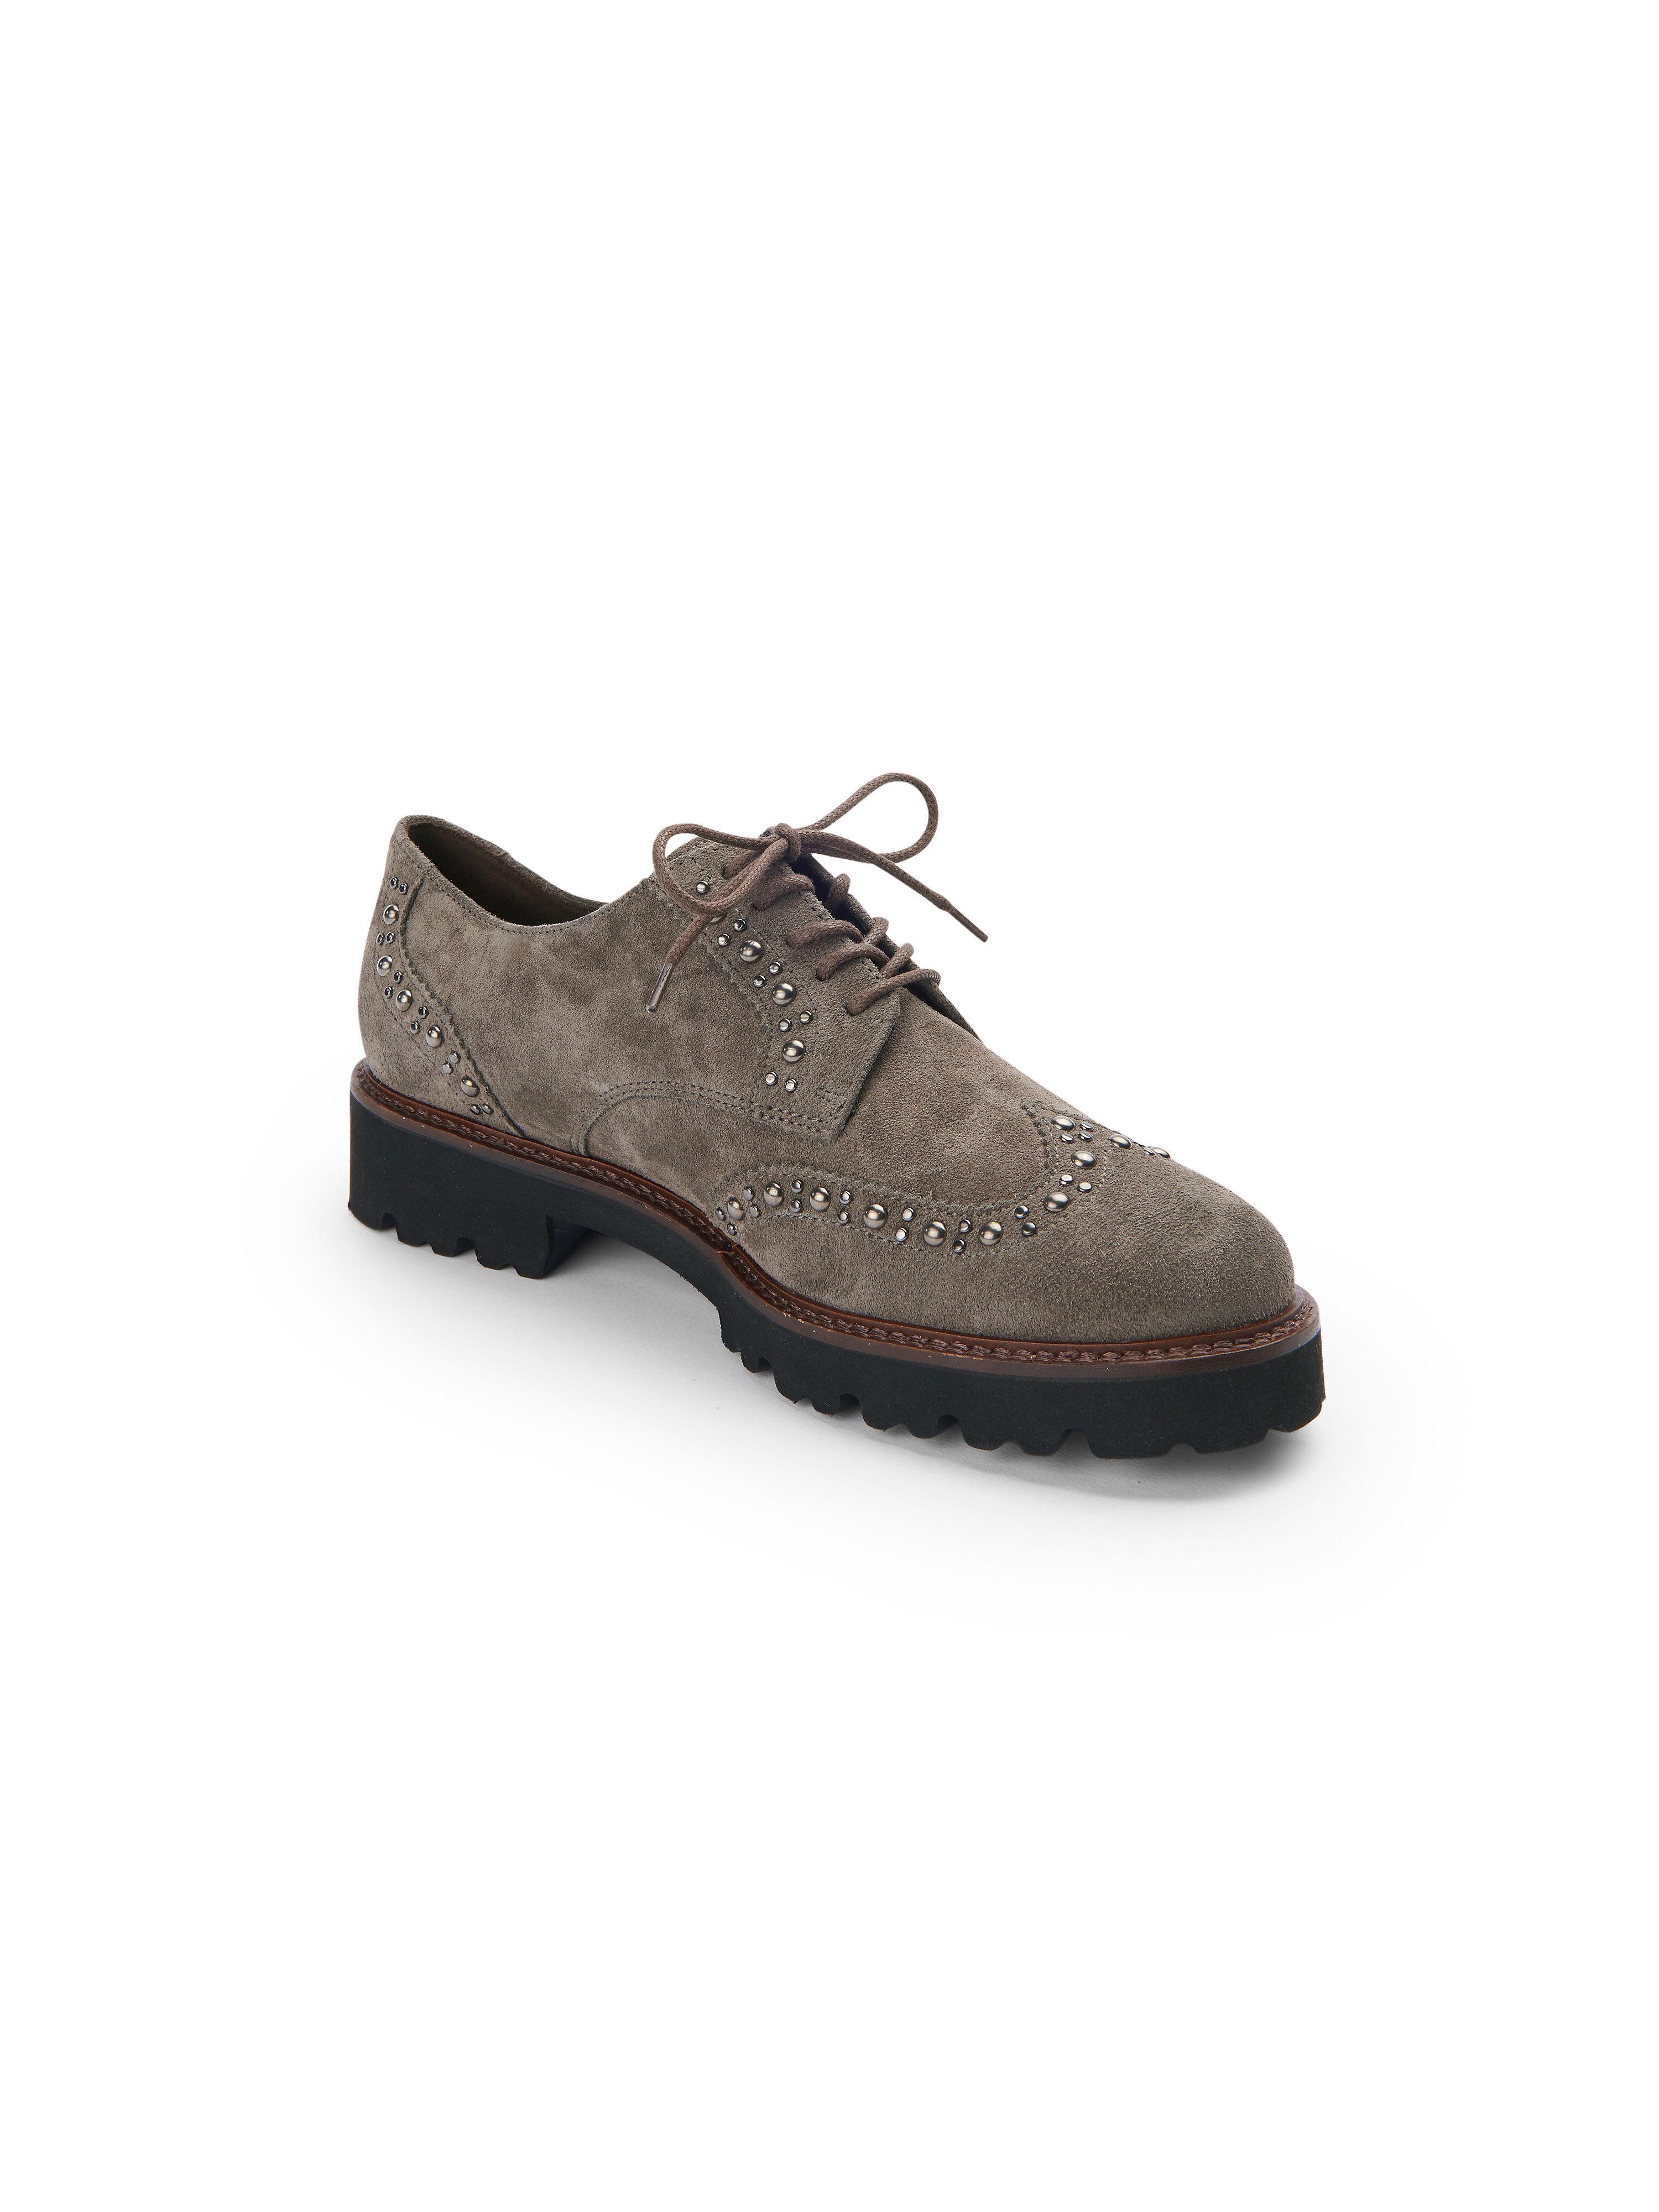 Gabor - Schnürer - Taupe Gute Qualität beliebte Schuhe